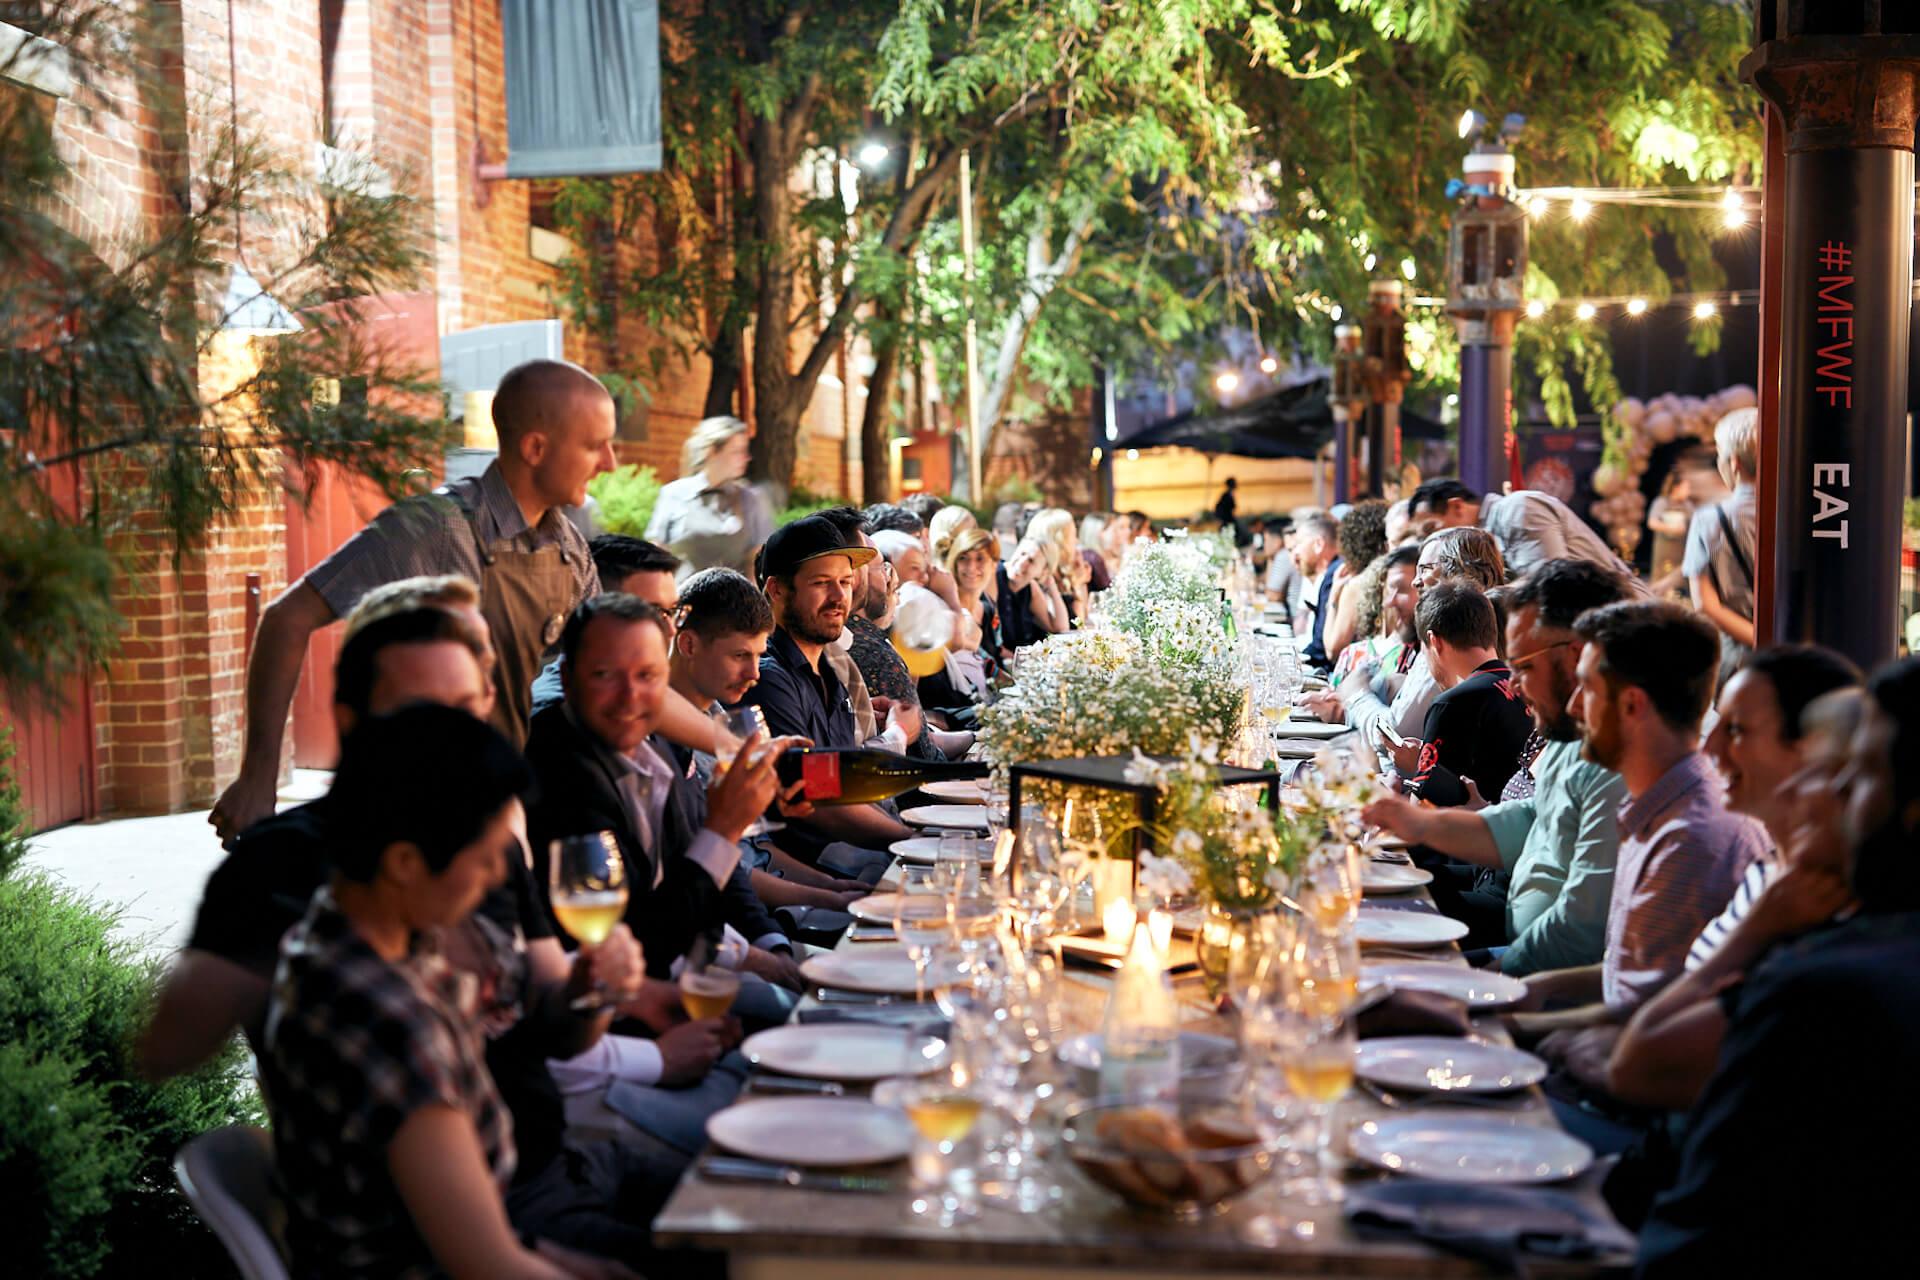 「世界で最も住みやすい街」メルボルンで食とワインを楽しもう!<メルボルン・フード&ワイン・フェスティバル>開催決定 gourmet200218_melbournefoodwinefes_01